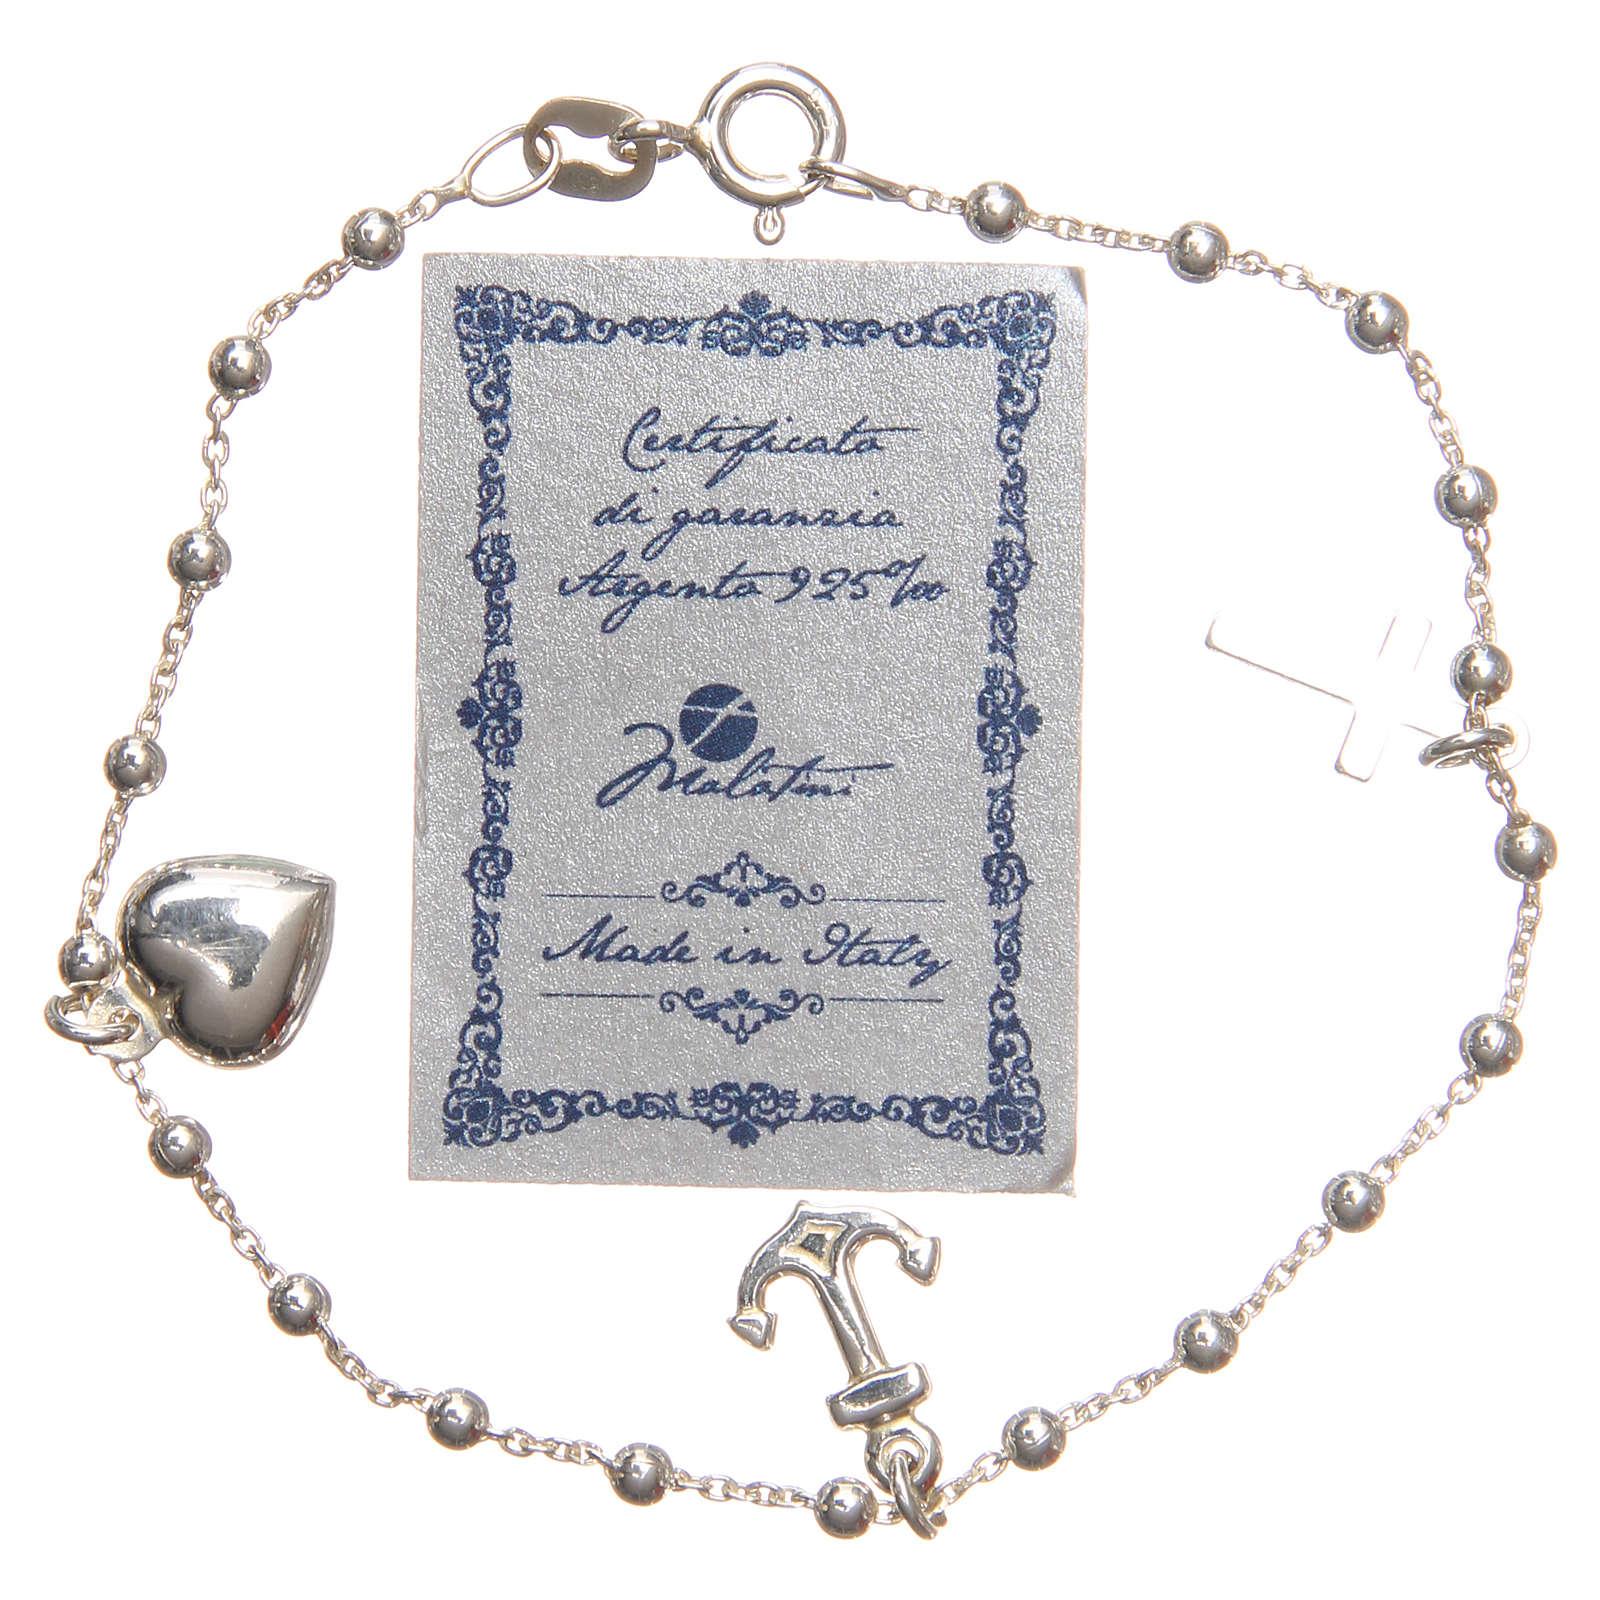 Braccialetto argento 925 croce cuore ancora 3 mm 4